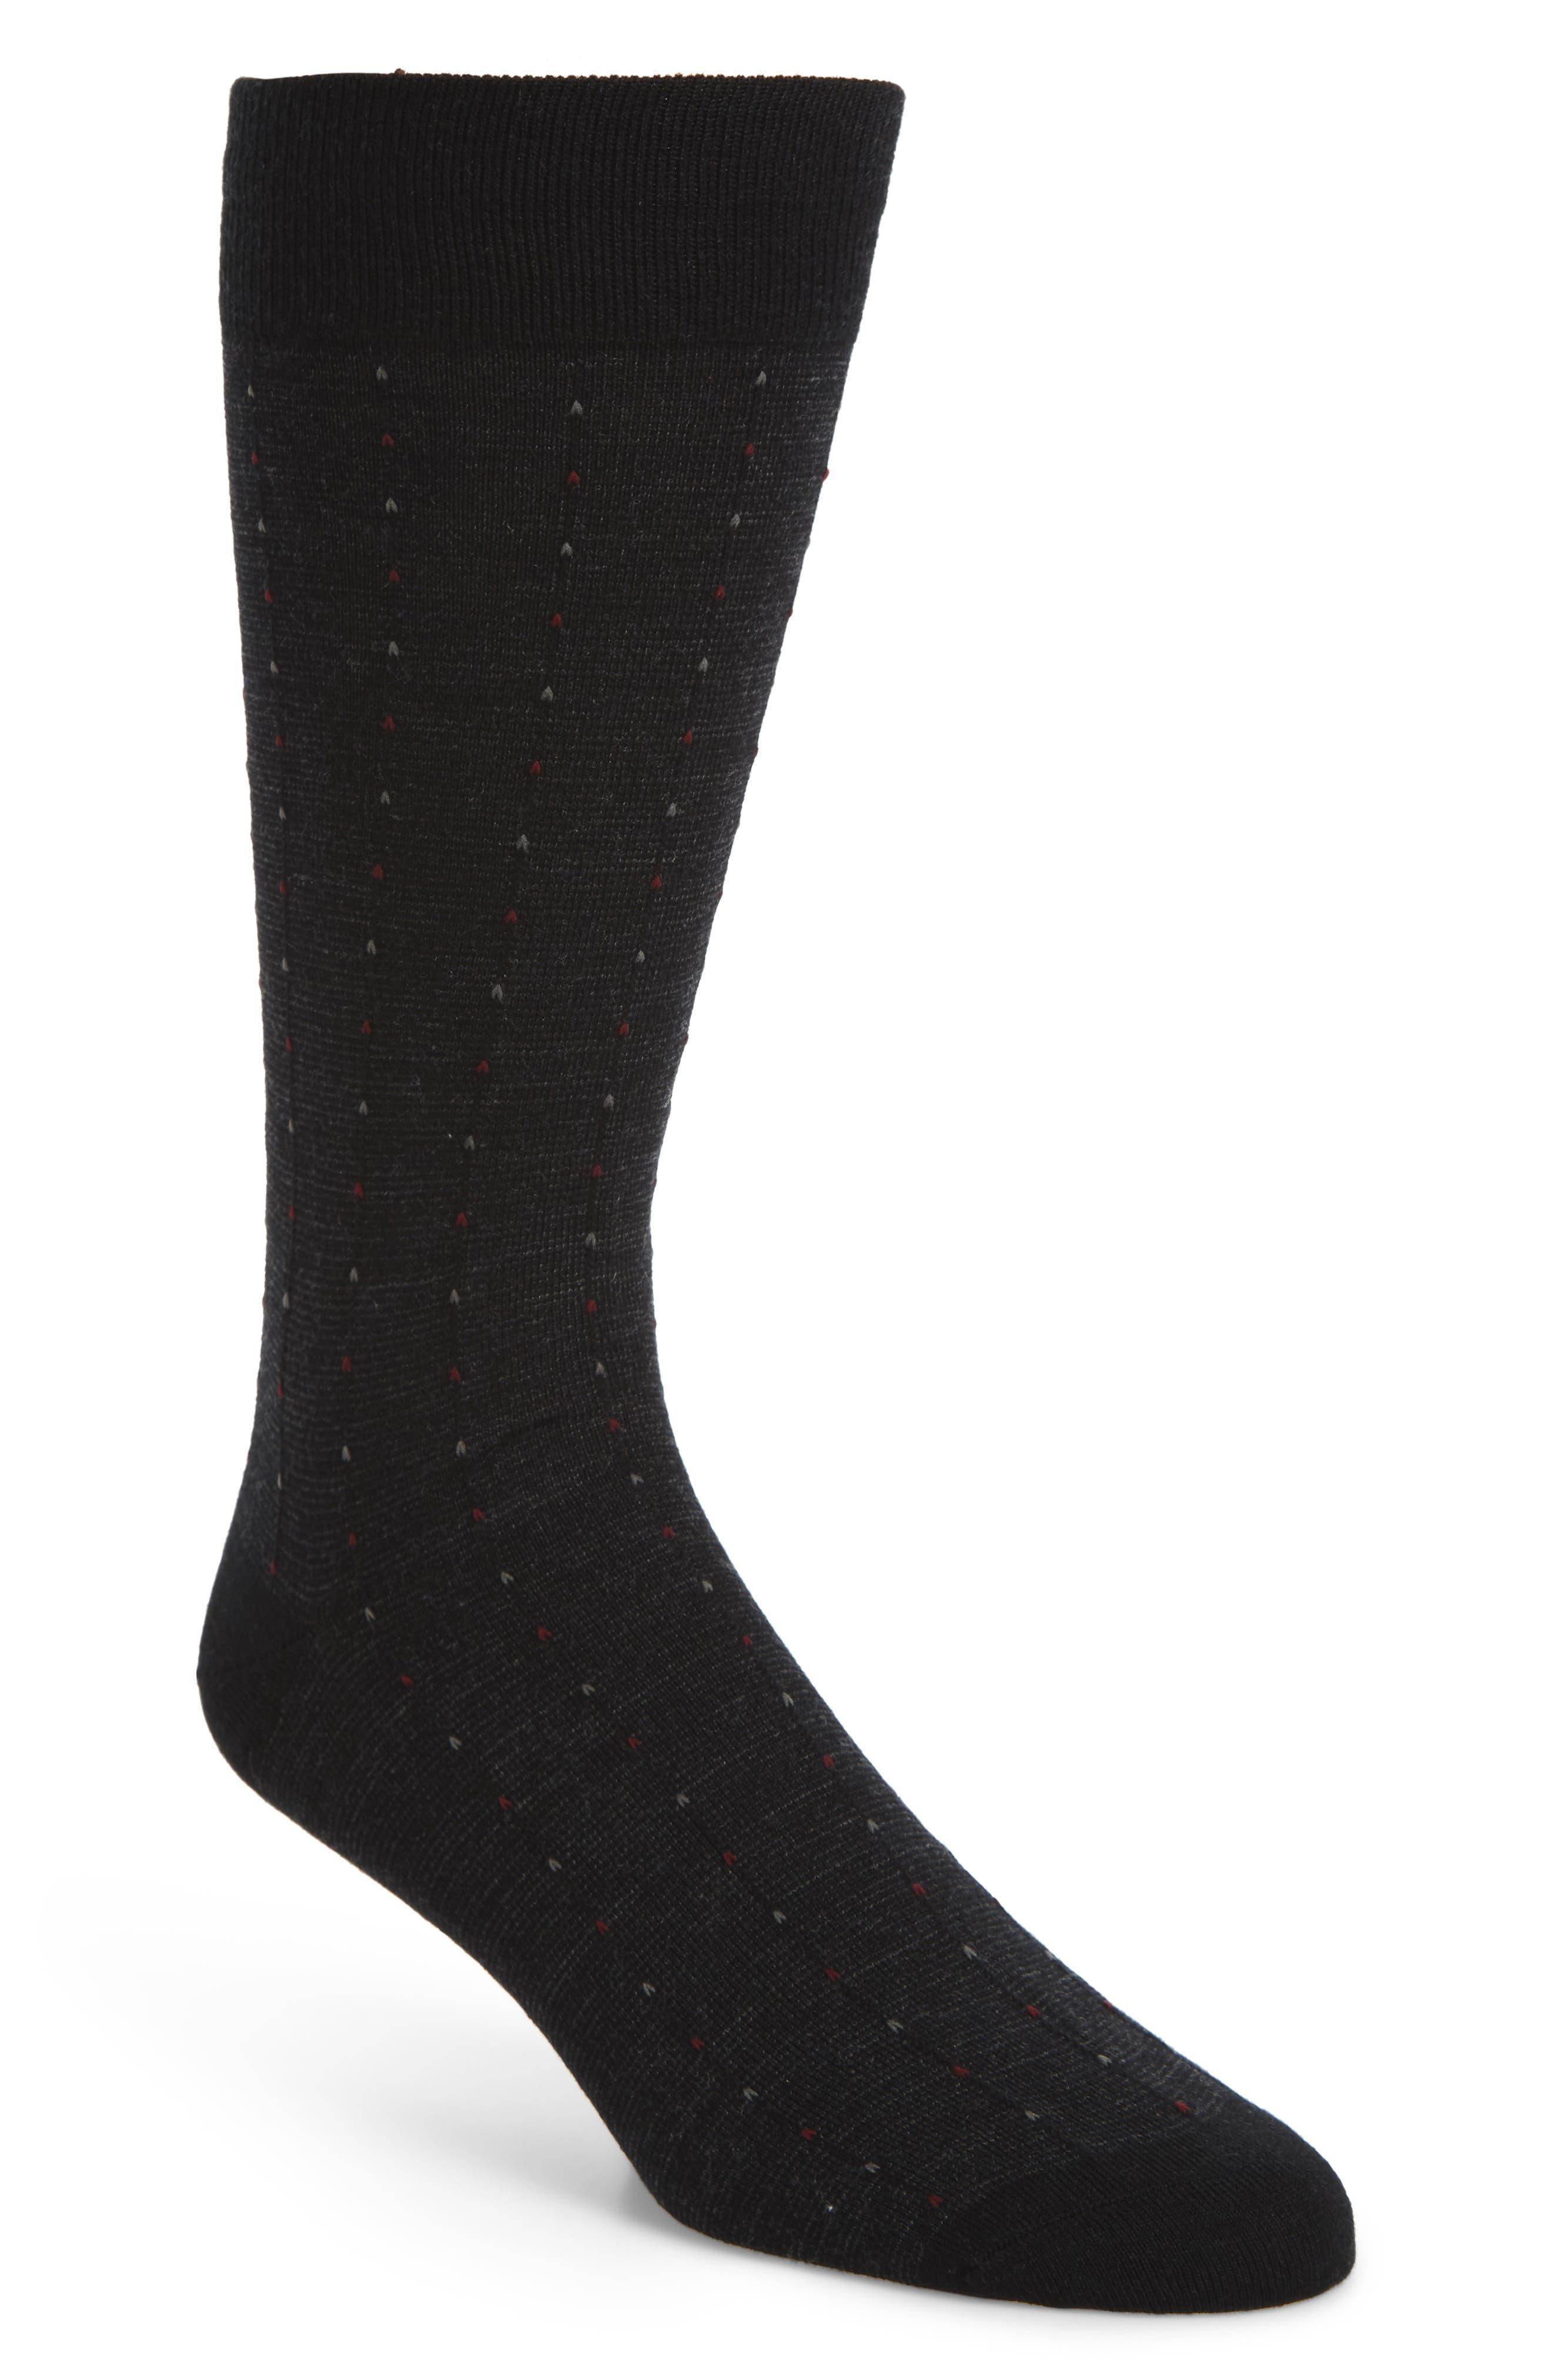 Pantherella Feeder Pinstripe Socks